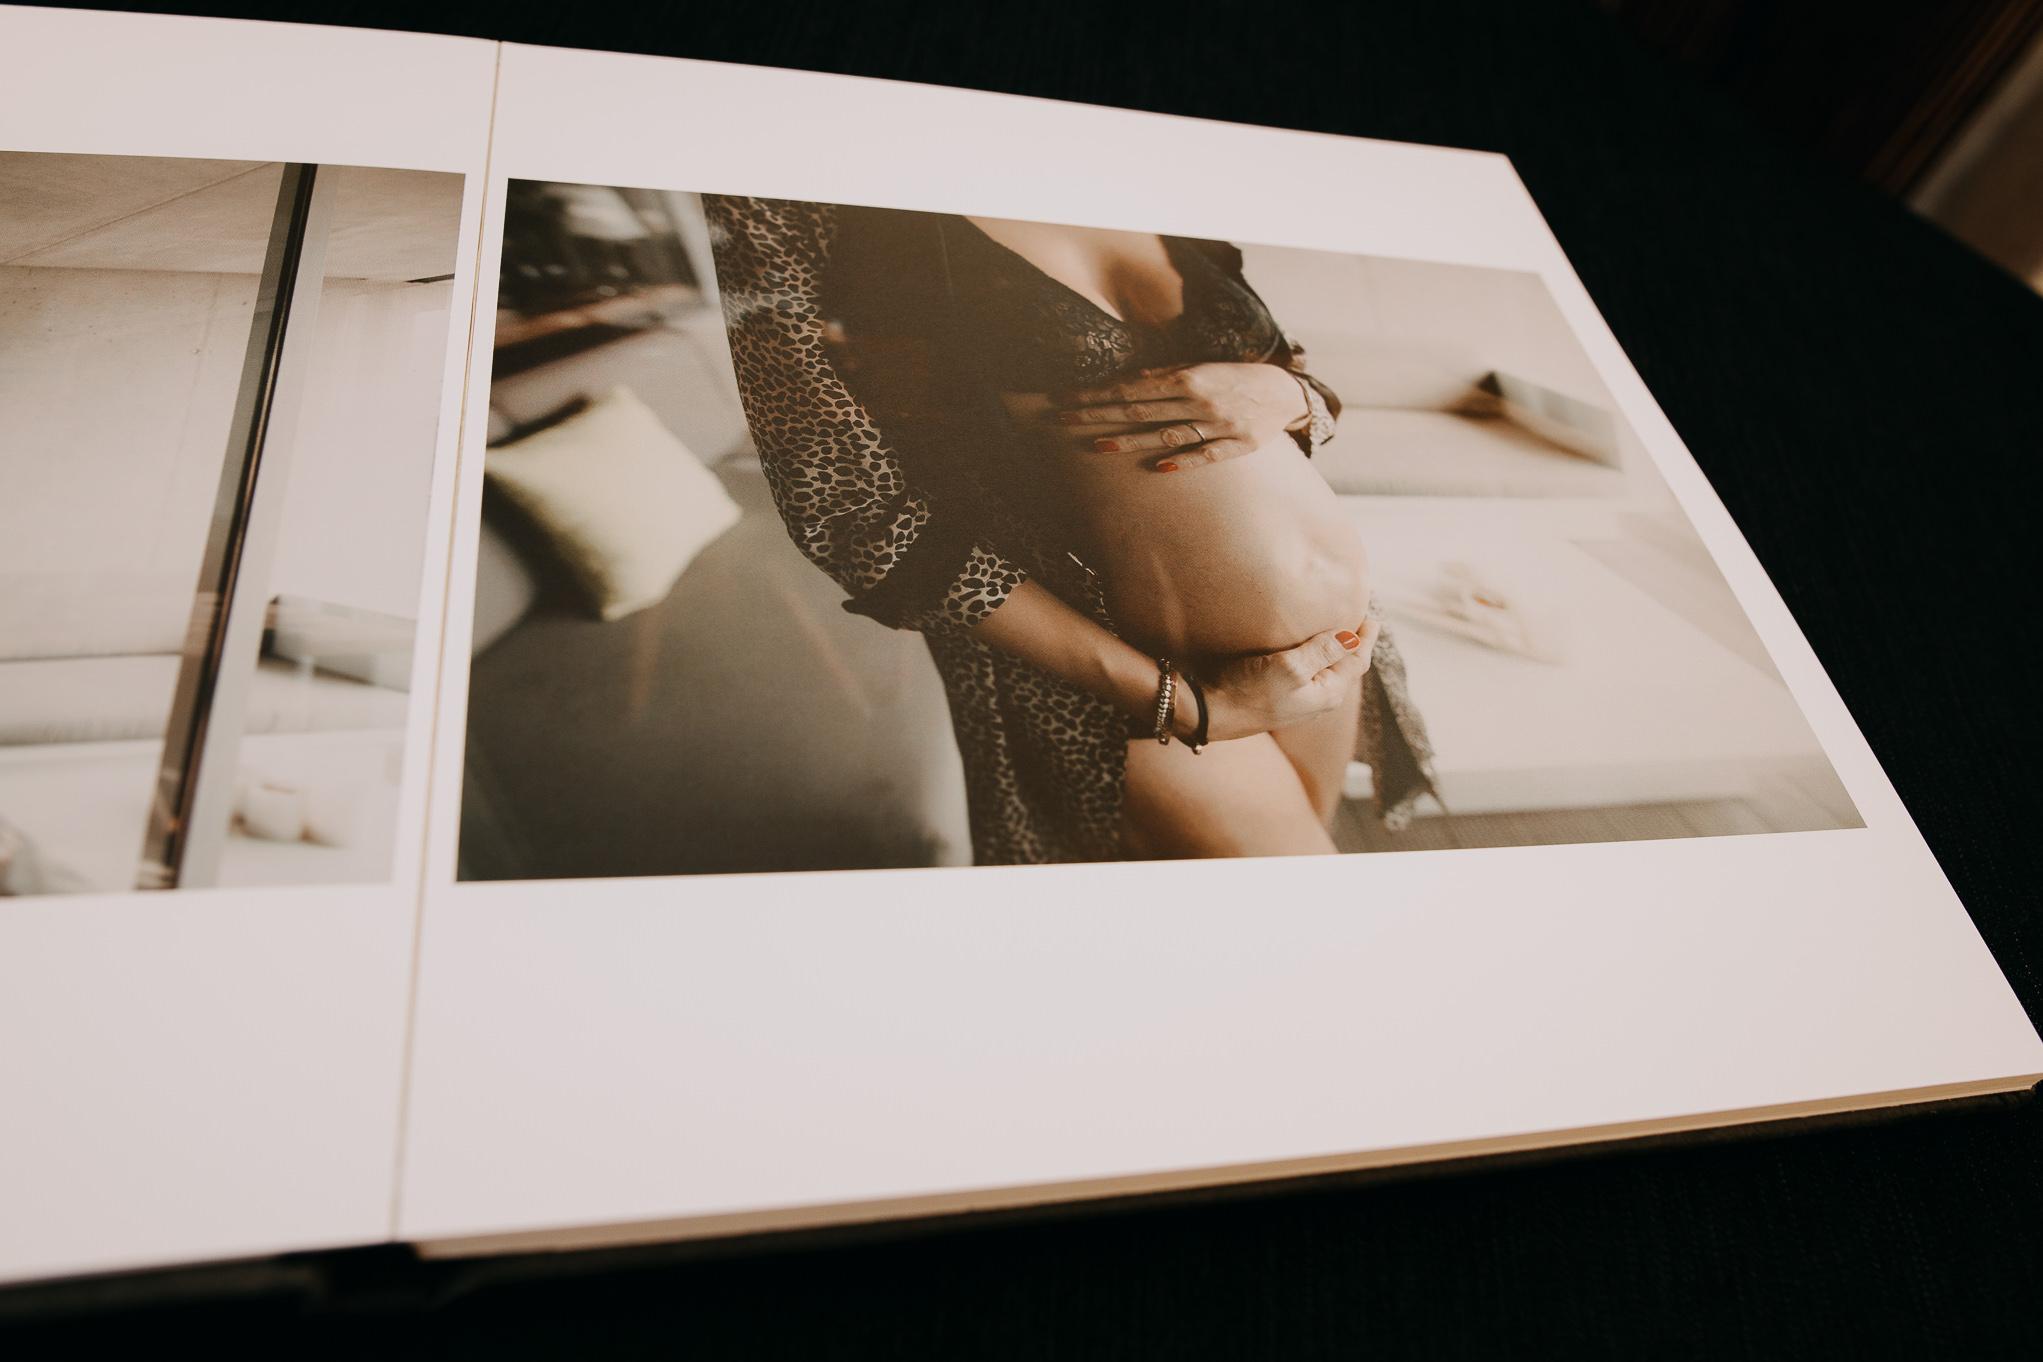 sesion de fotos embarazada, foto libro, Beto Perez